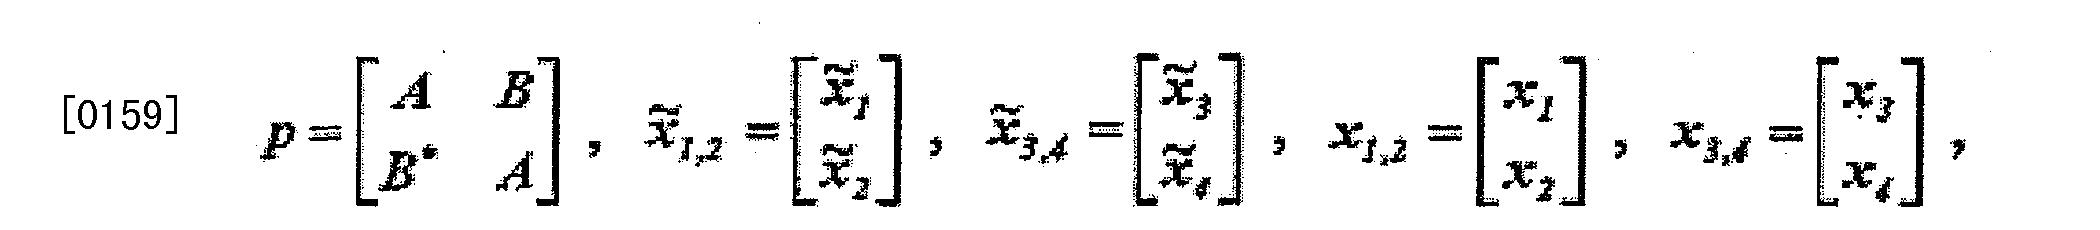 Figure CN1969522BD00232